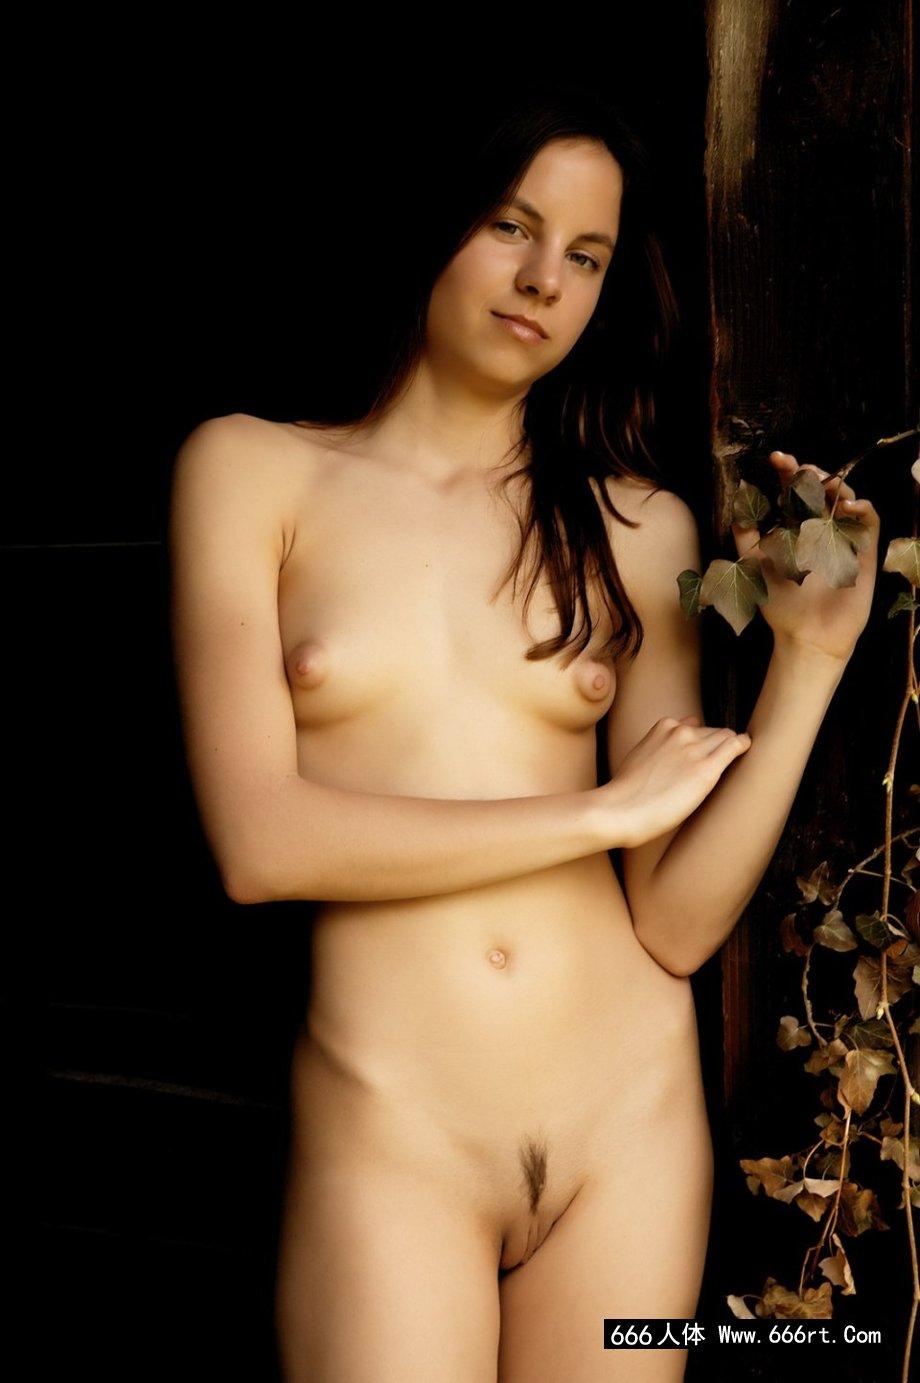 西班牙年轻嫩妹Alt小木屋门外写真